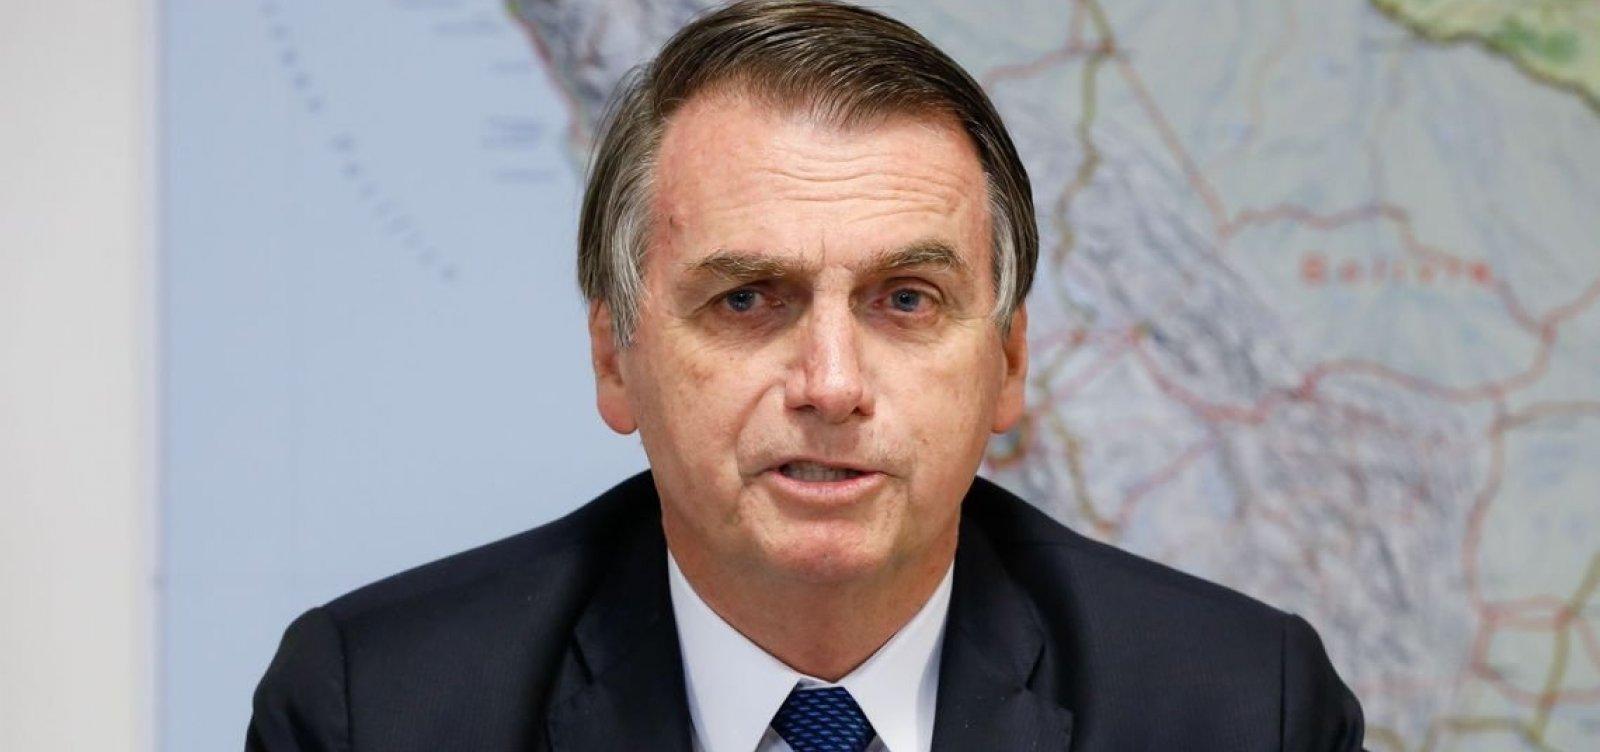 ['Sempre serei favorável à liberdade de expressão', diz Bolsonaro em meio a críticas ao STF]